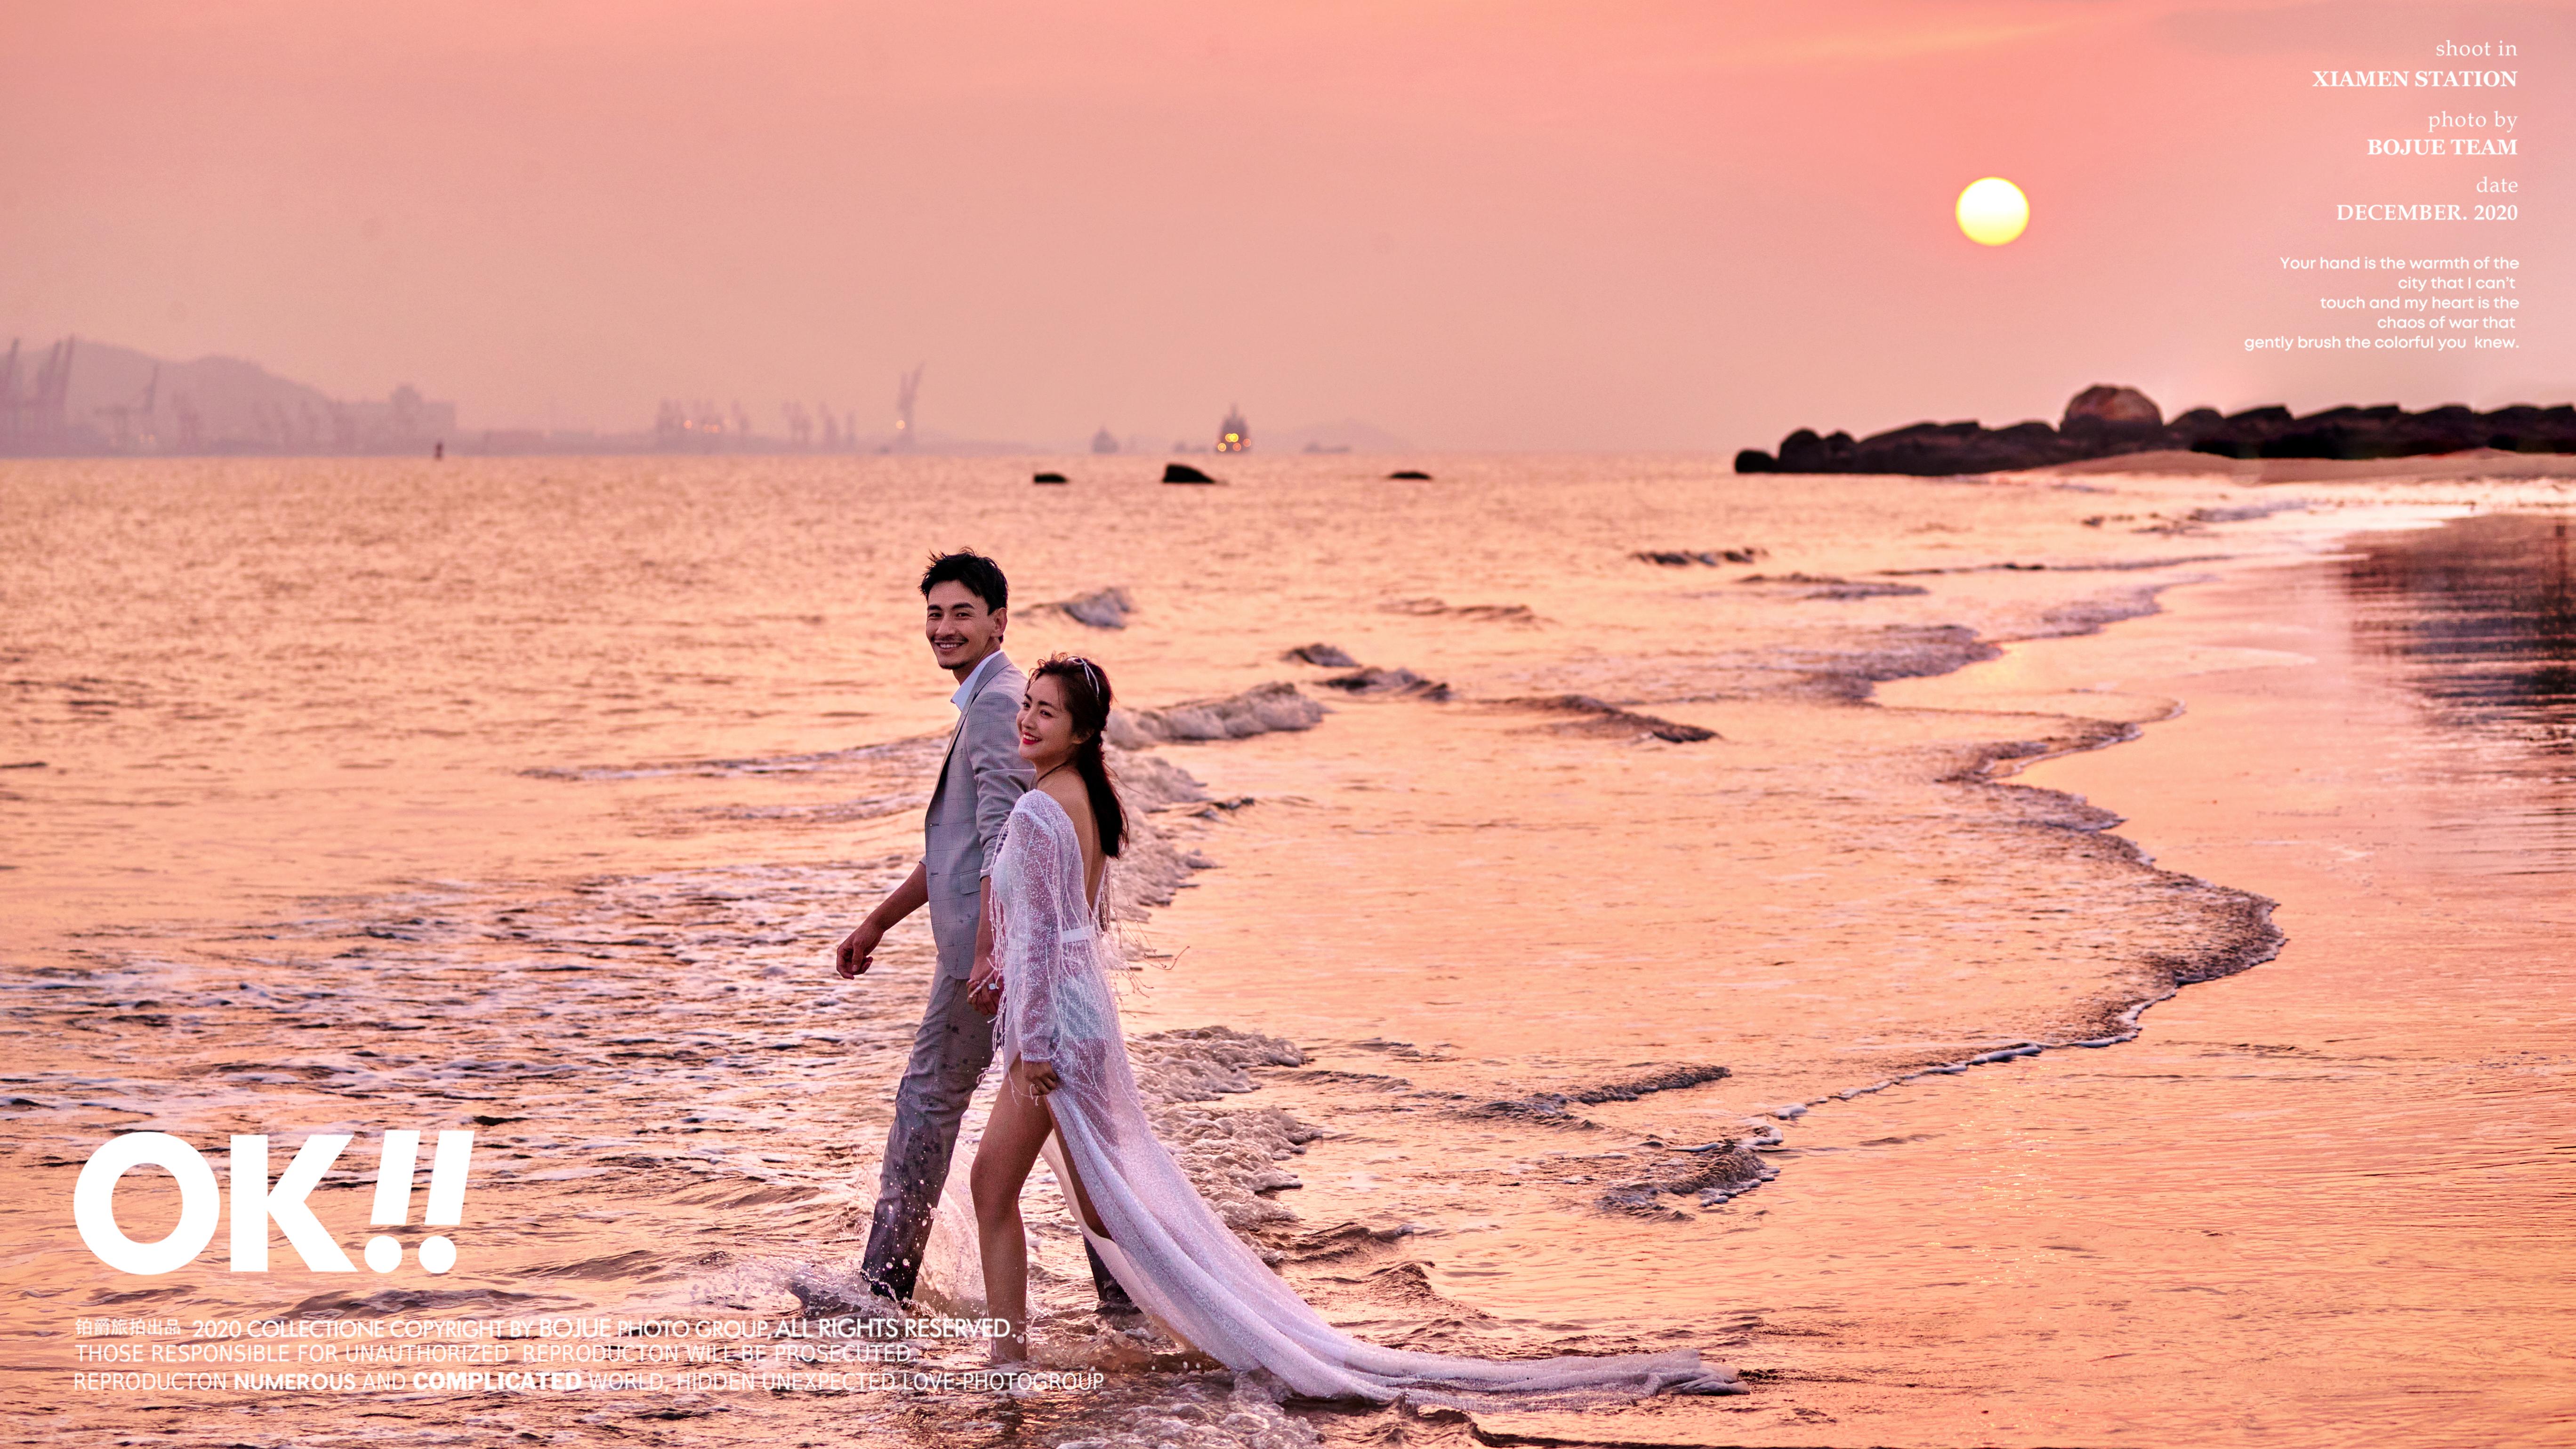 厦门拍摄婚纱照价格是多少,厦门婚纱照有哪些拍摄风格